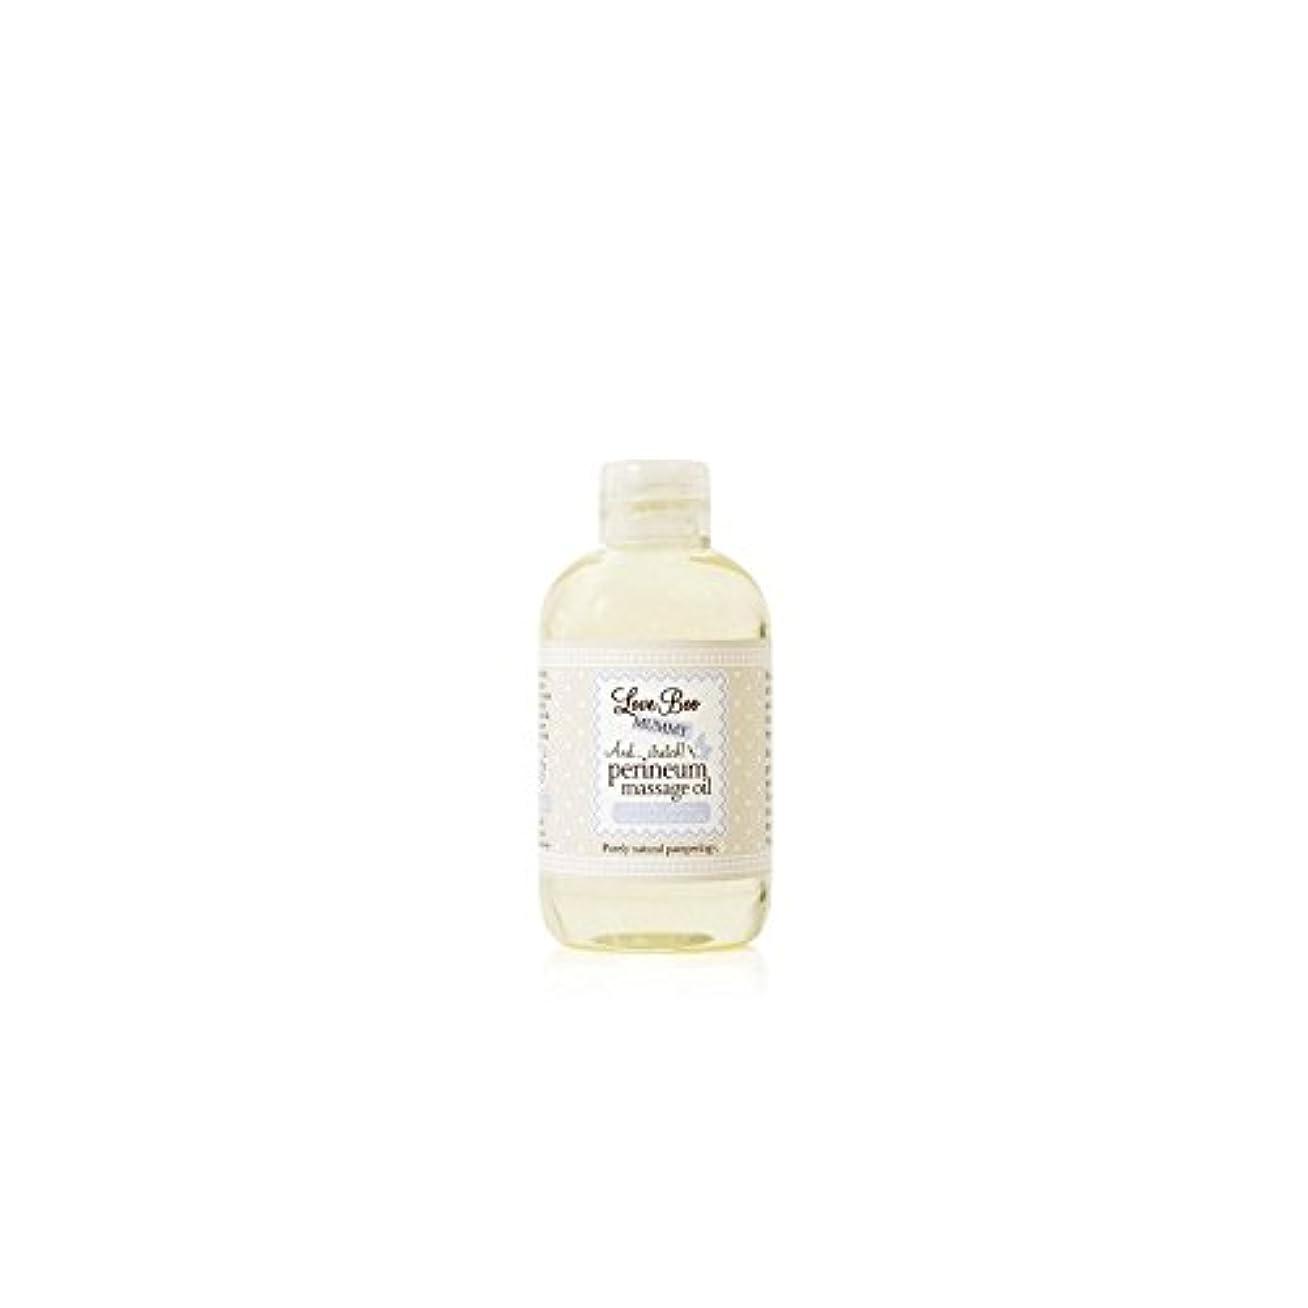 聖書マラソン世辞Love Boo Perineum Massage Oil (100ml) - 会陰マッサージオイル(100)にブーイングの愛 [並行輸入品]